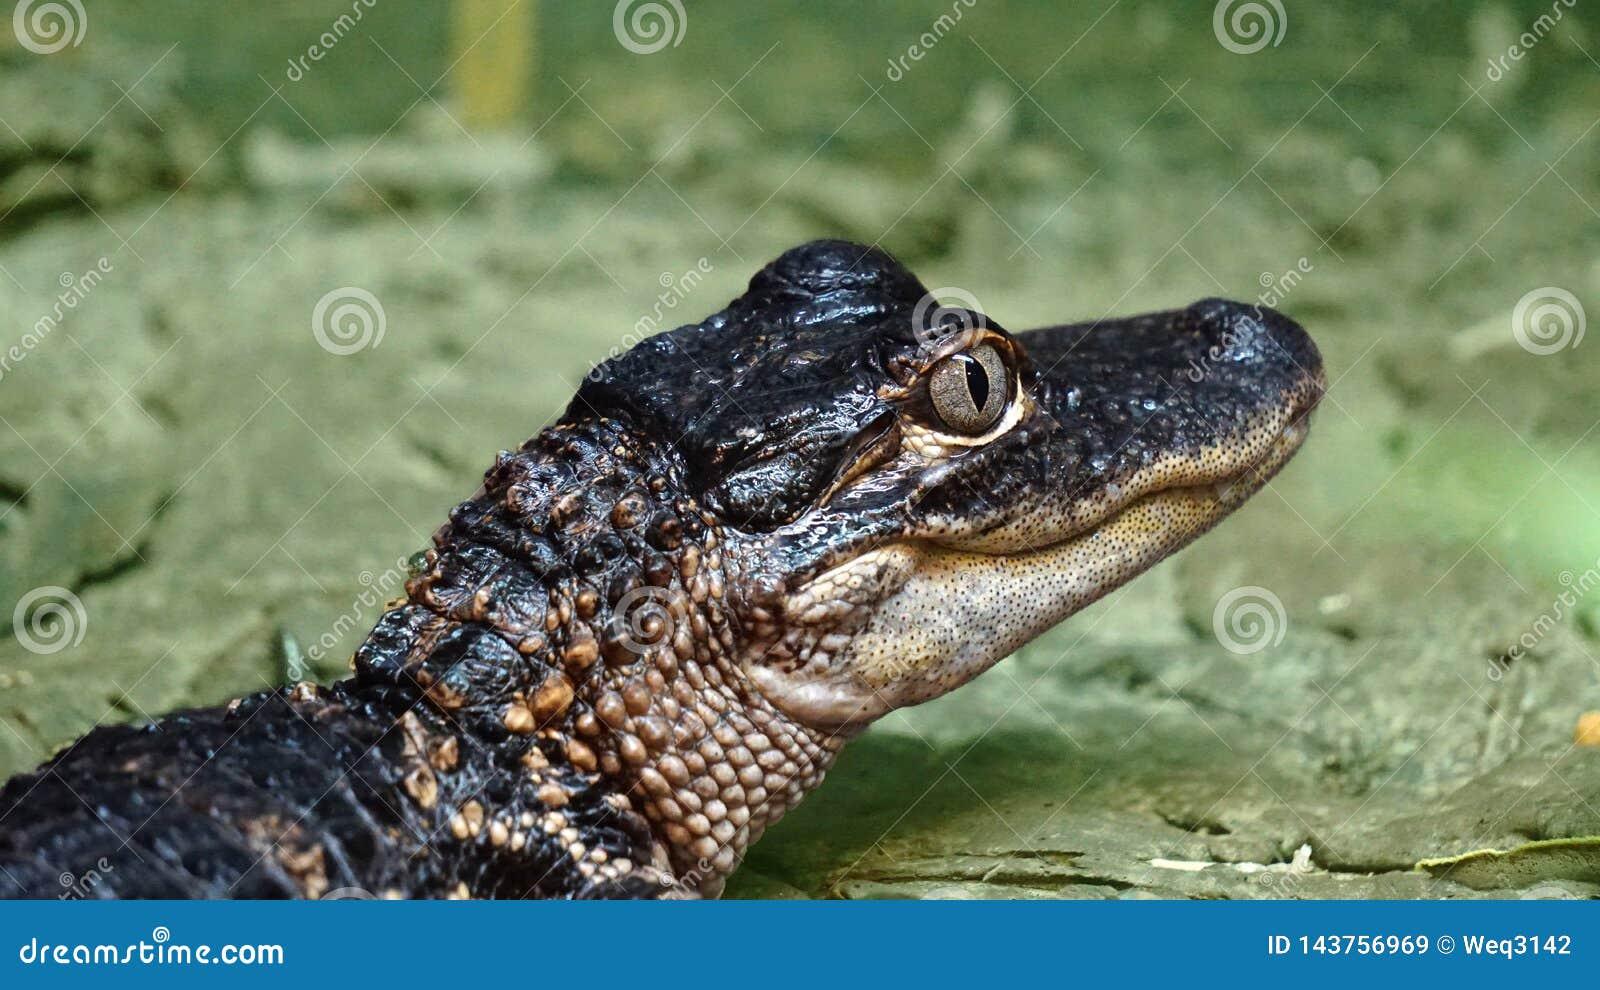 Élevage artificiel, non long, crocodile du Nil, petit crocodile